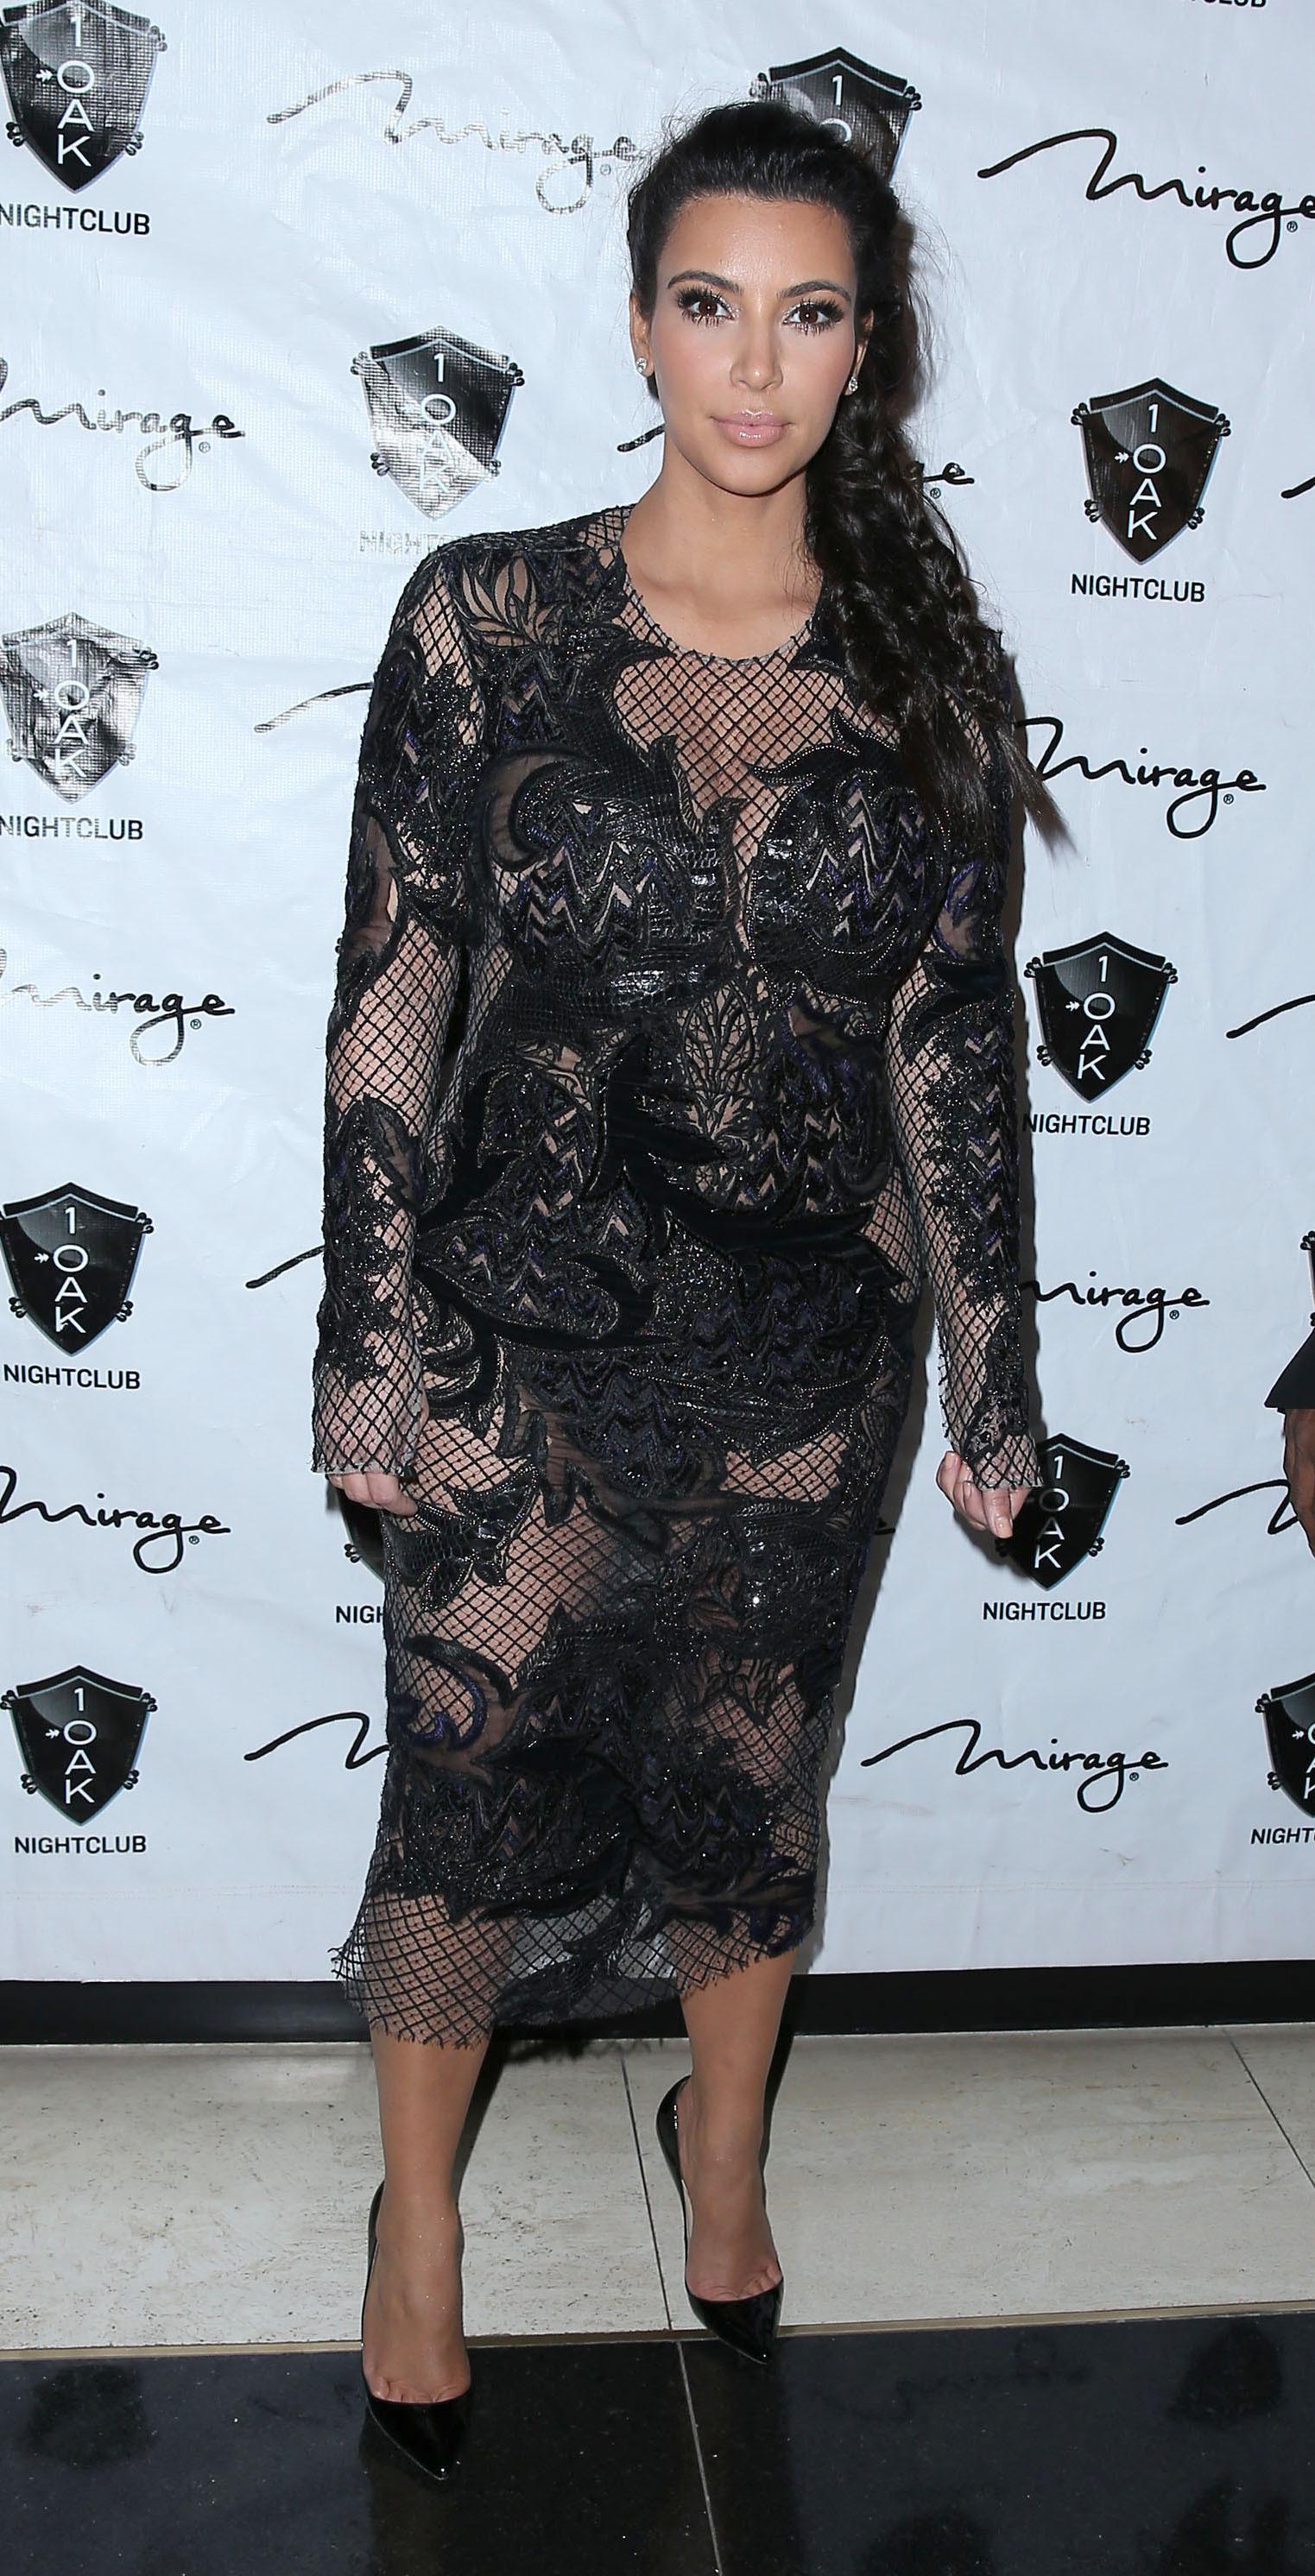 Kim Kardashian scantily clad